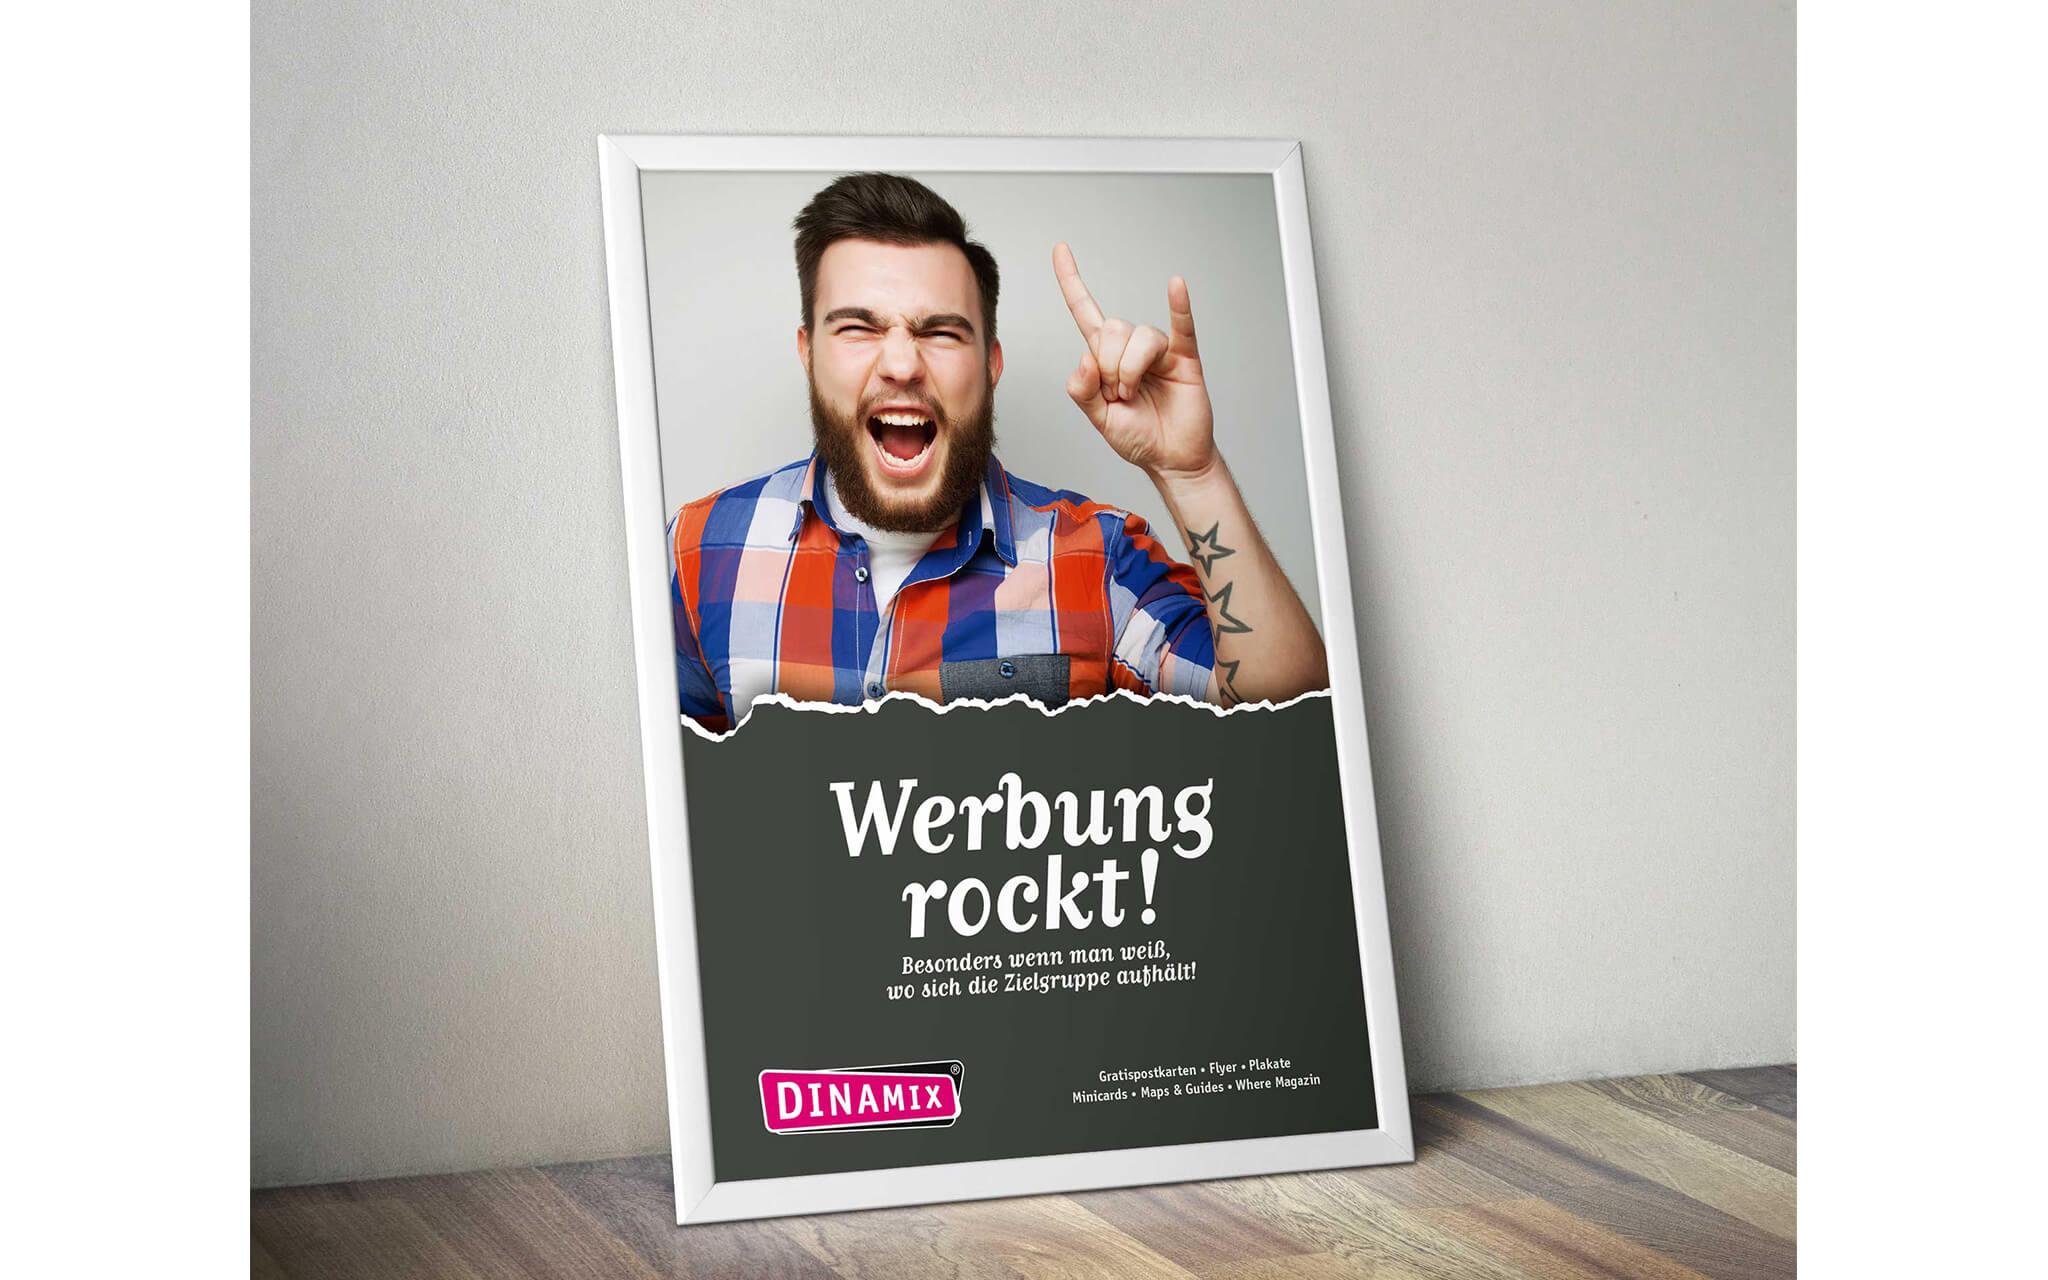 mediarock-dinamix-poster-werbung